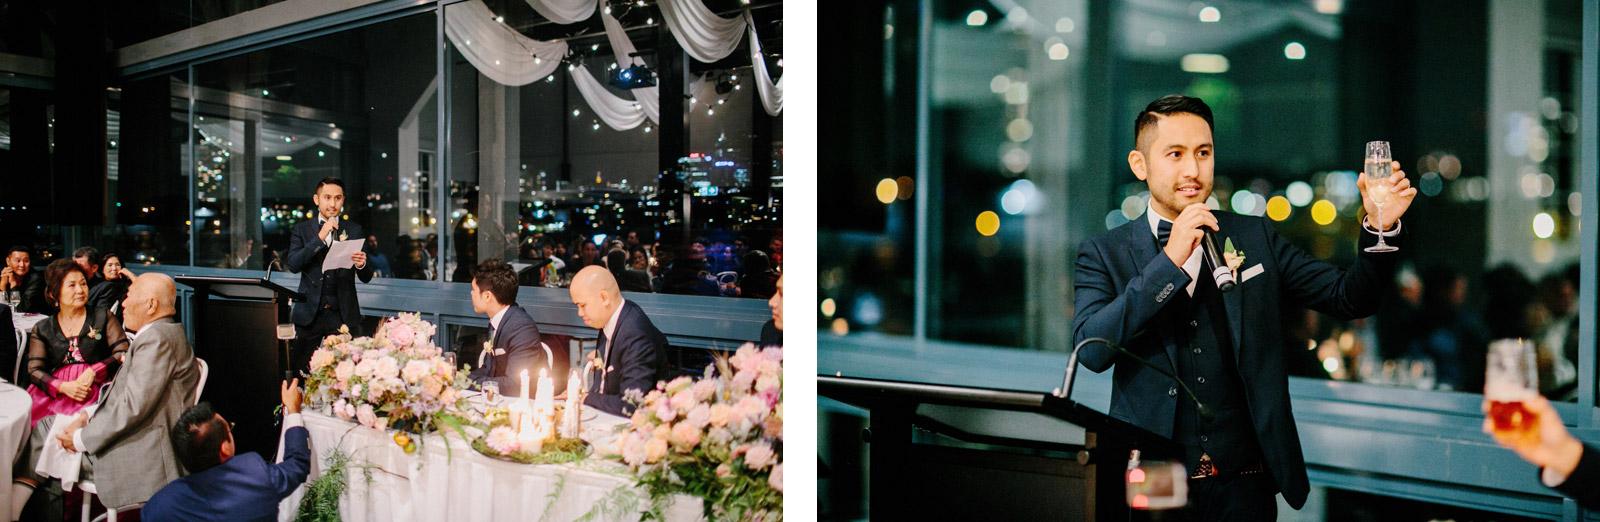 wedding-sonia-kev-105